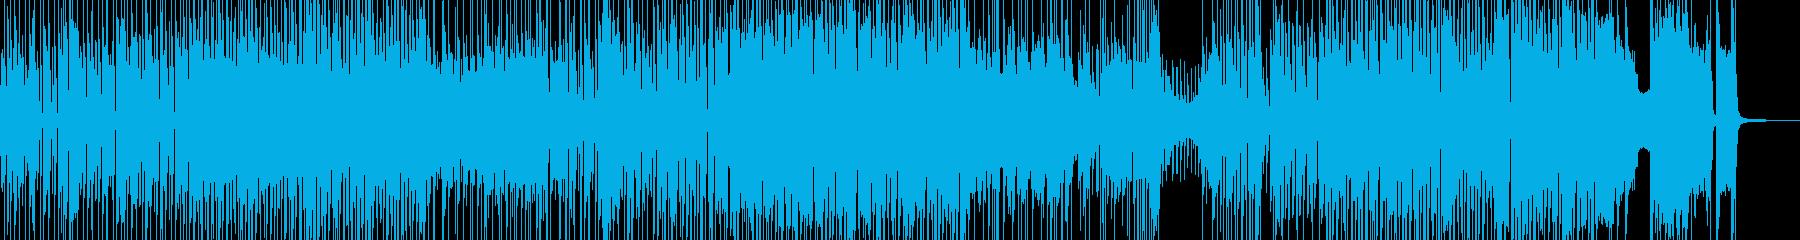 でこぼこ田舎道・弾けるジャズポップ 長尺の再生済みの波形